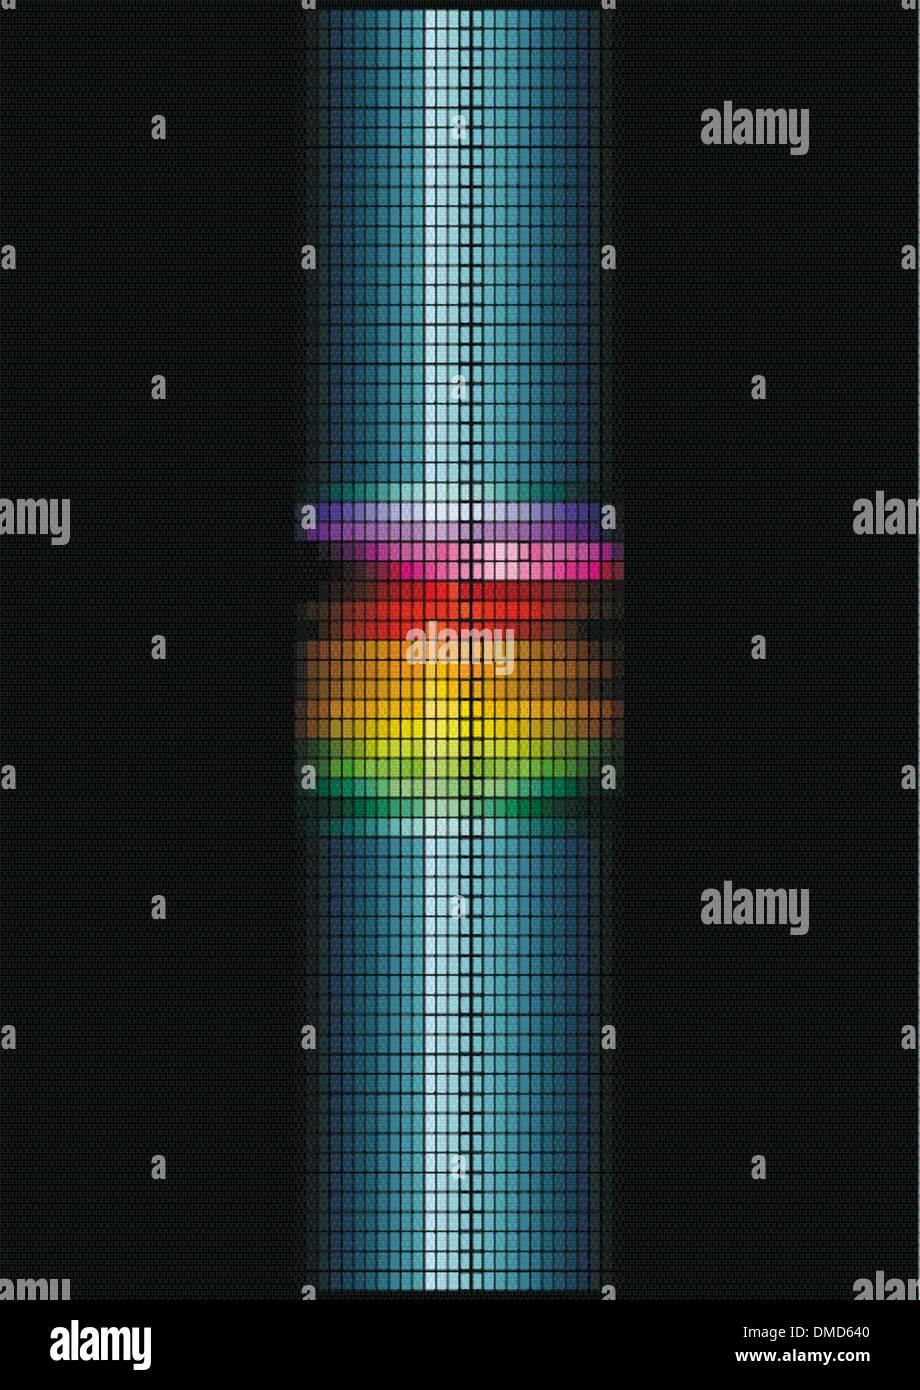 dynamic light column - Stock Image